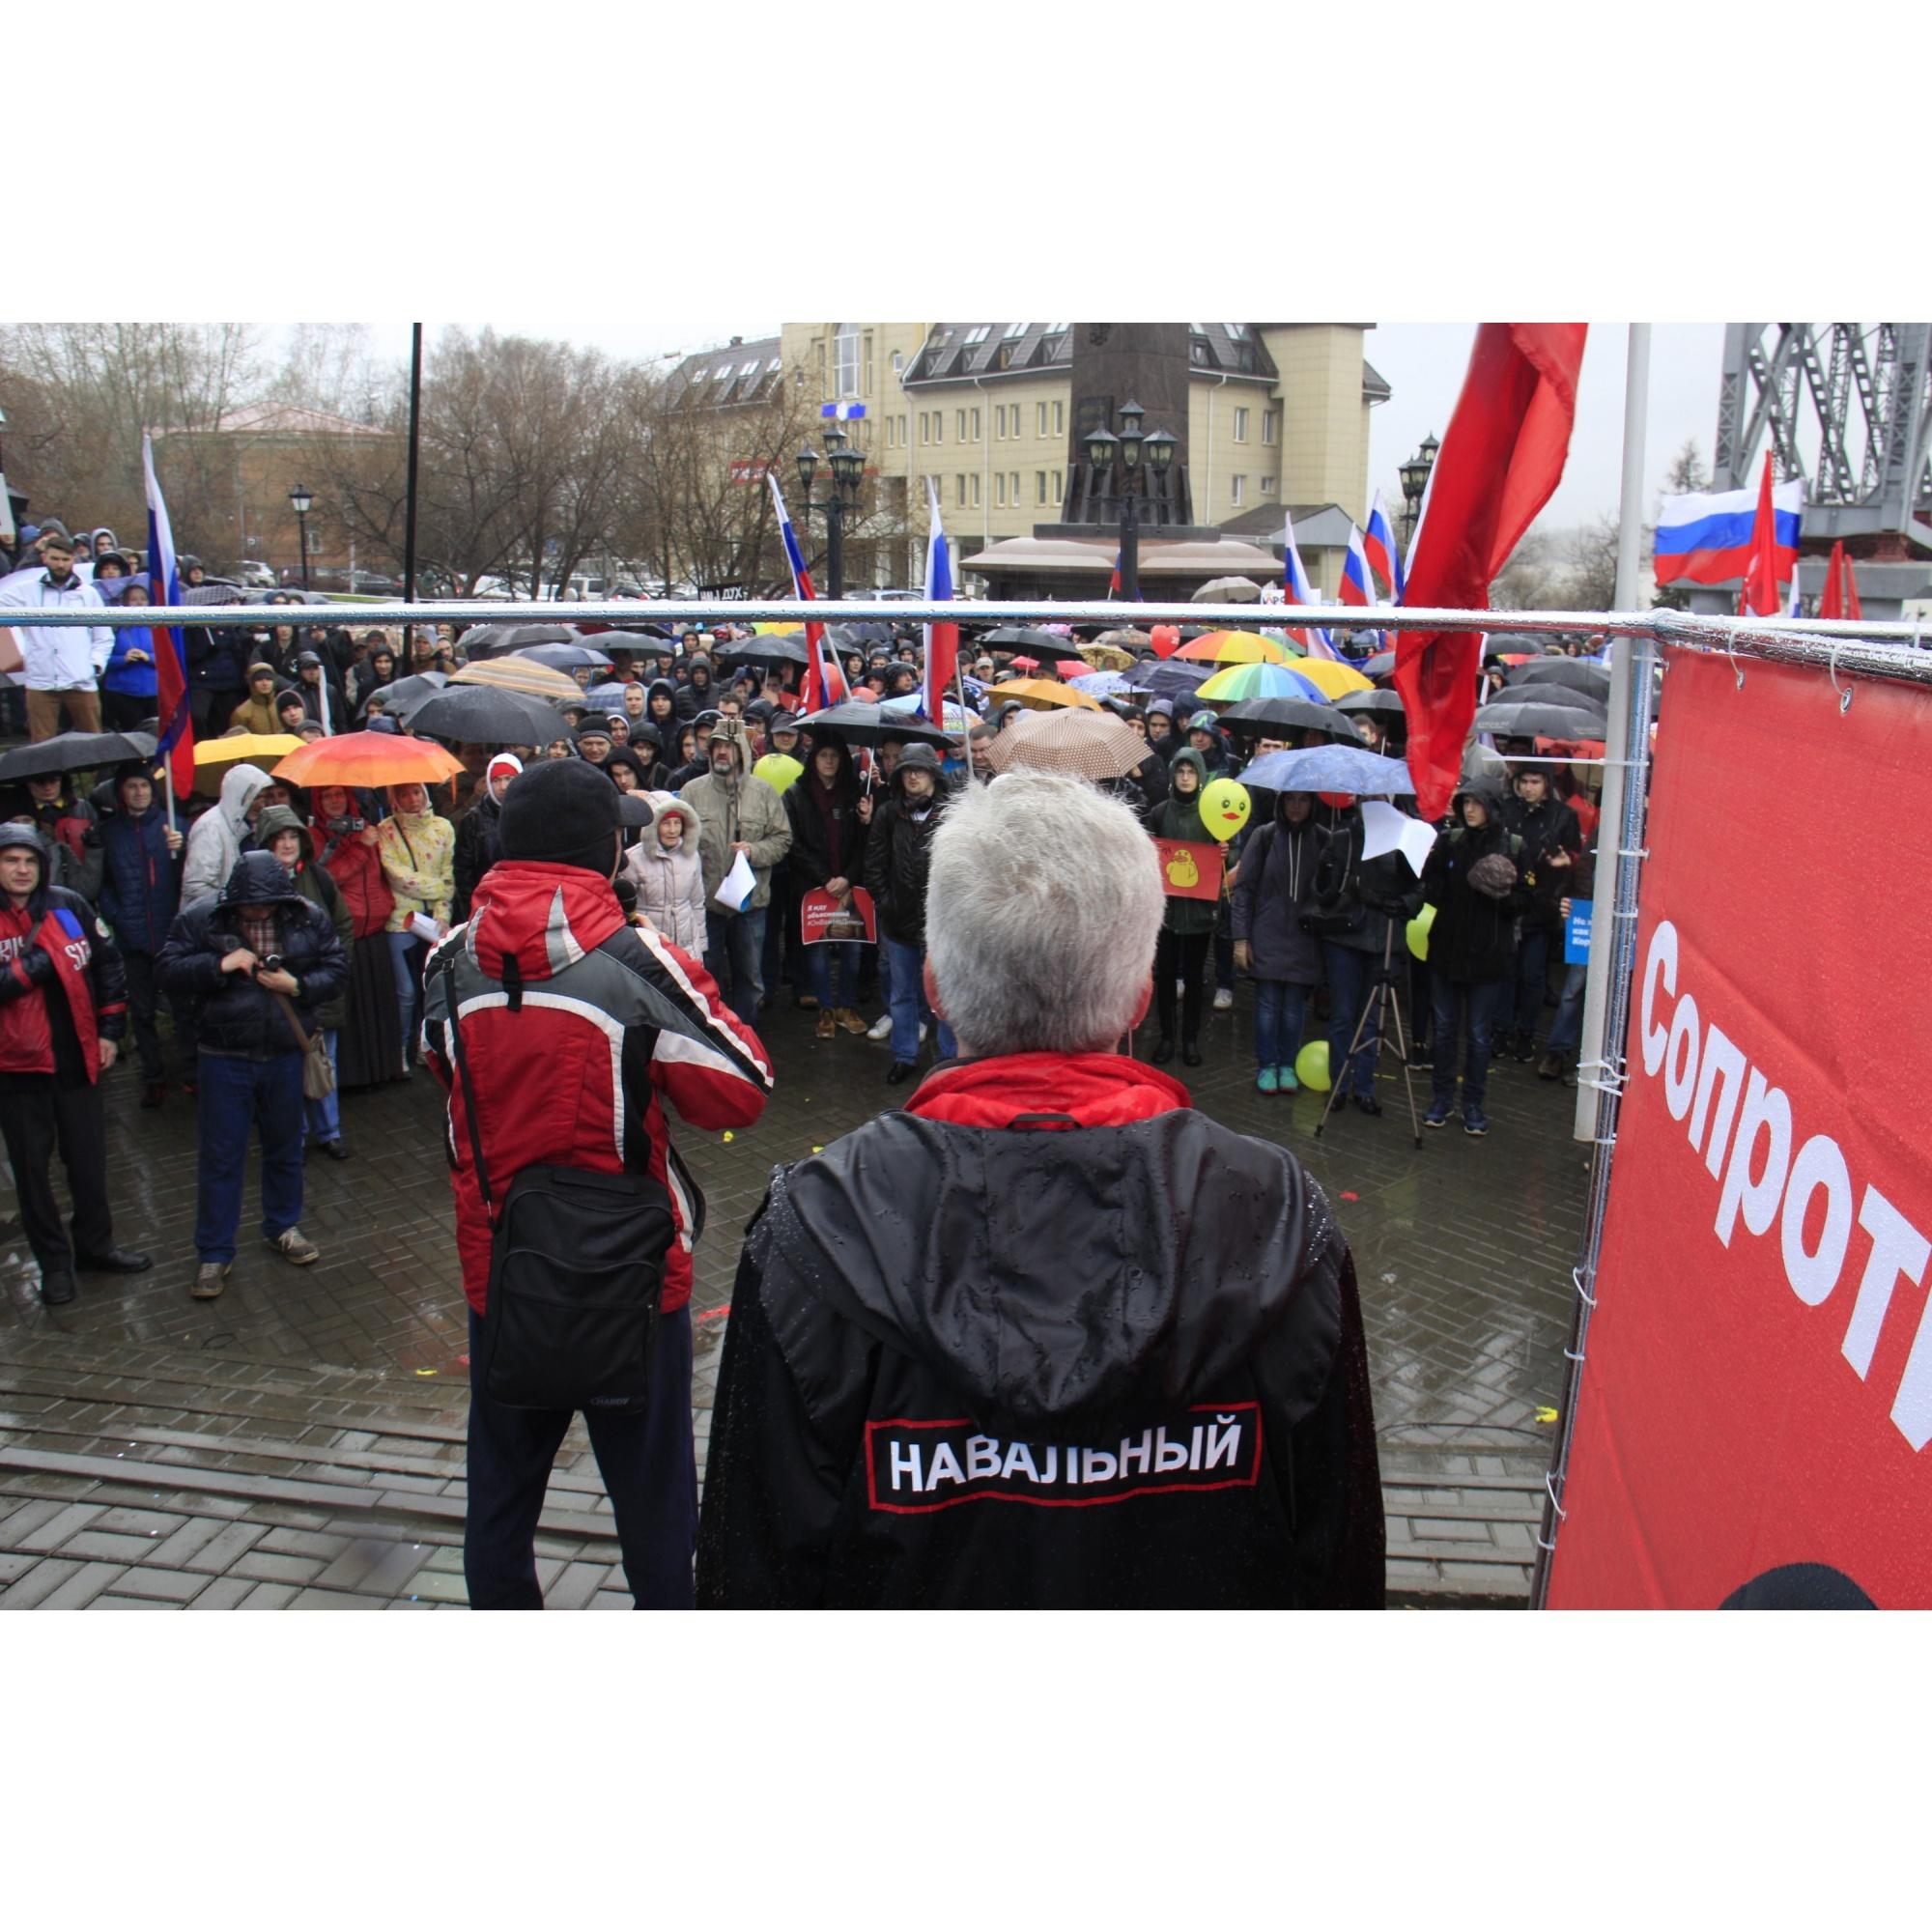 Организатор митинга Андрей Гладченко рассказал о том, как ему удалось перехитрить мэрию